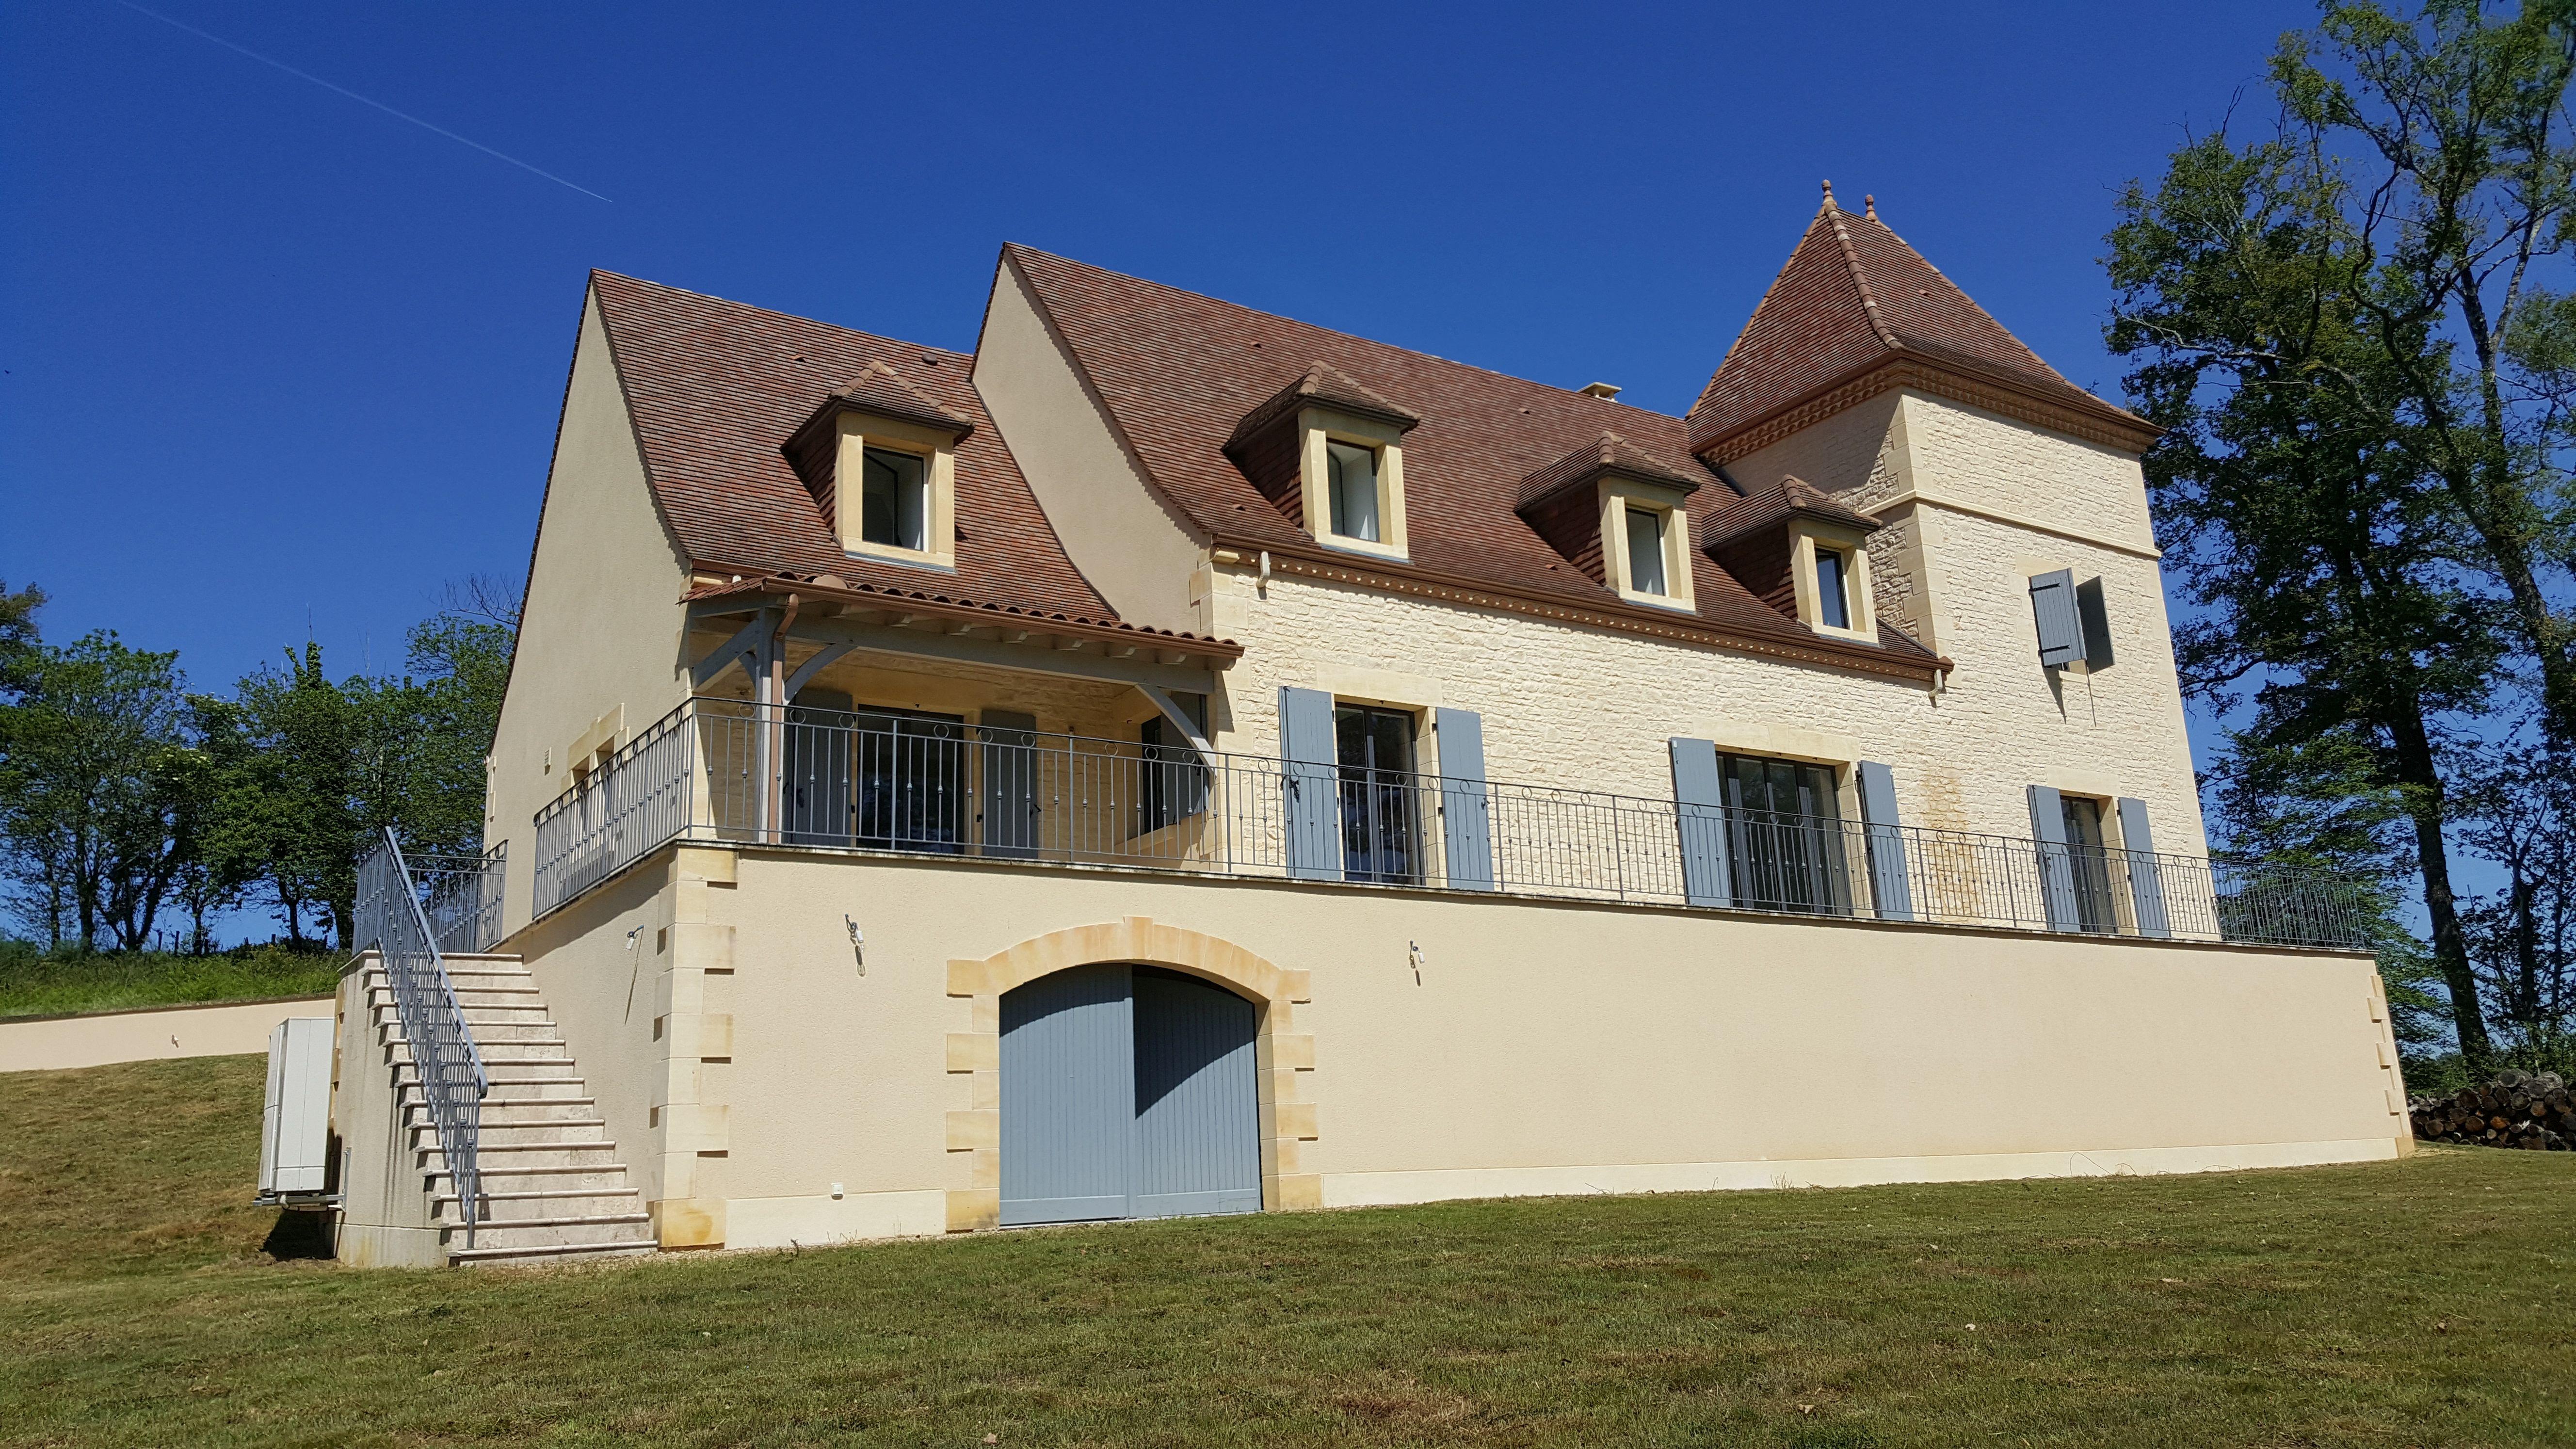 Prachtig landhuis met toren